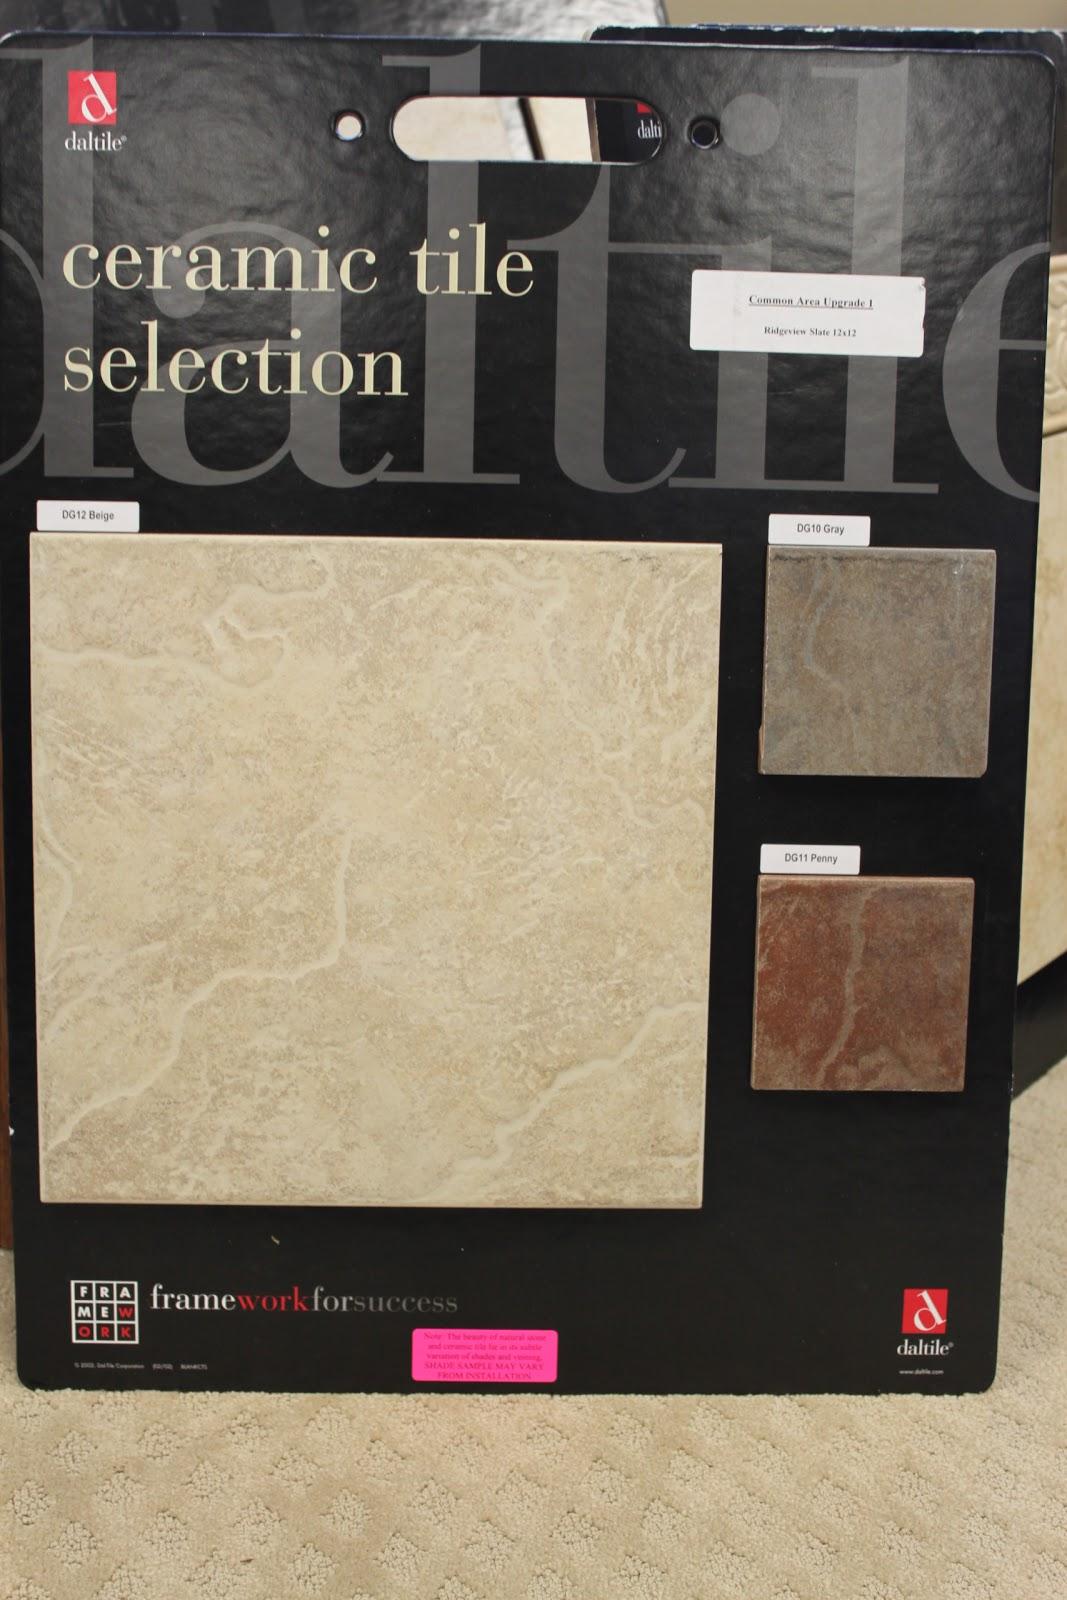 Light Cream Vs Dark Color Ceramic Tiles.?